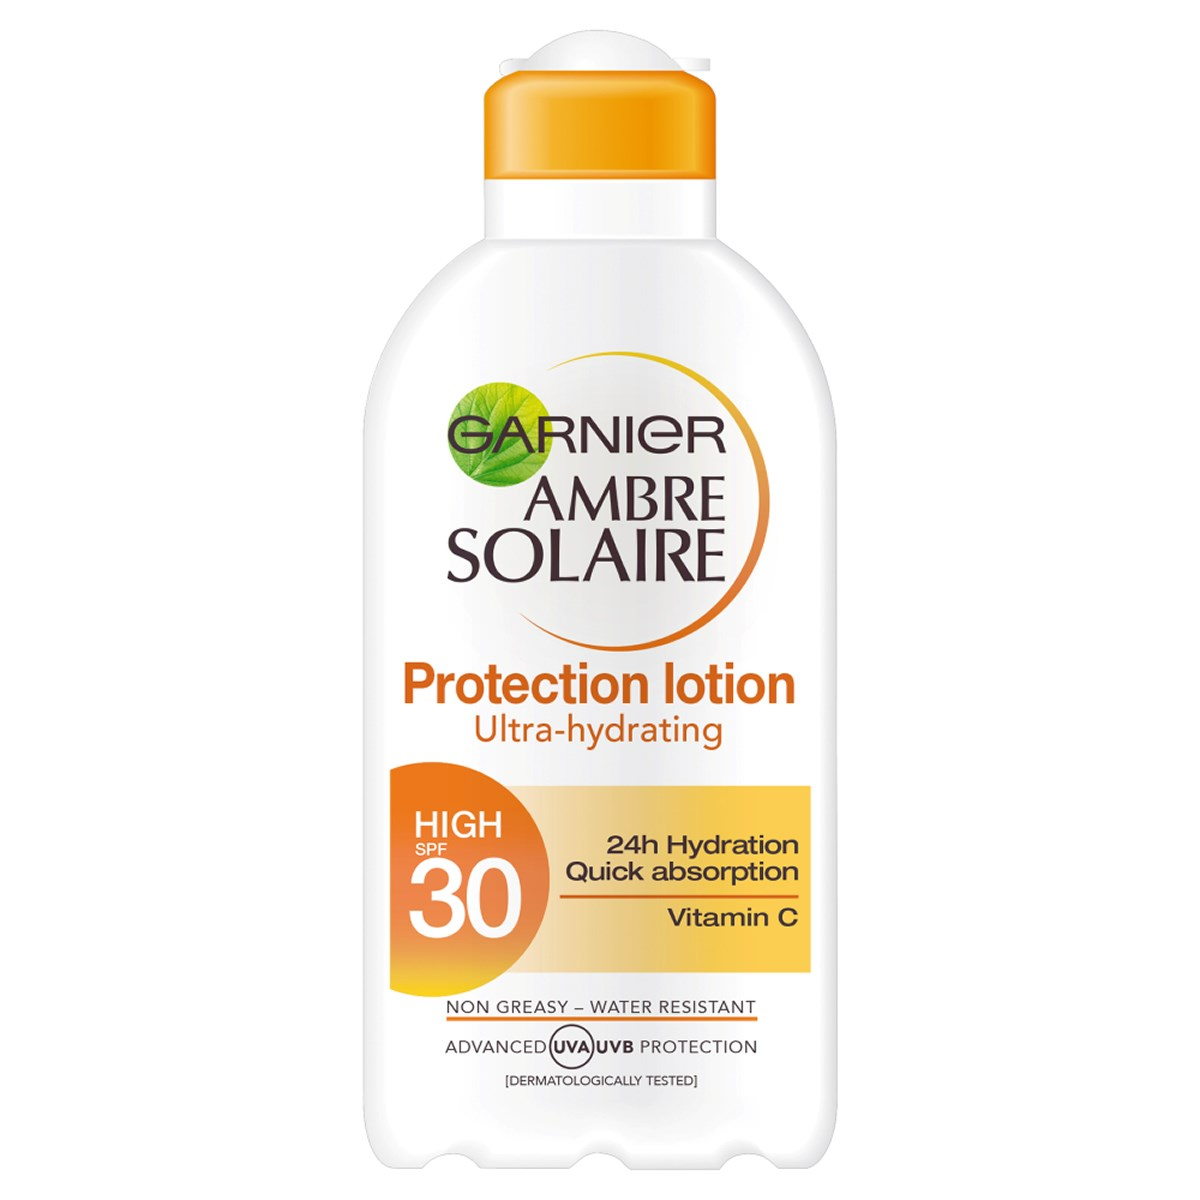 Garnier Ambre Solaire Vitamin C Protection Lotion SPF30